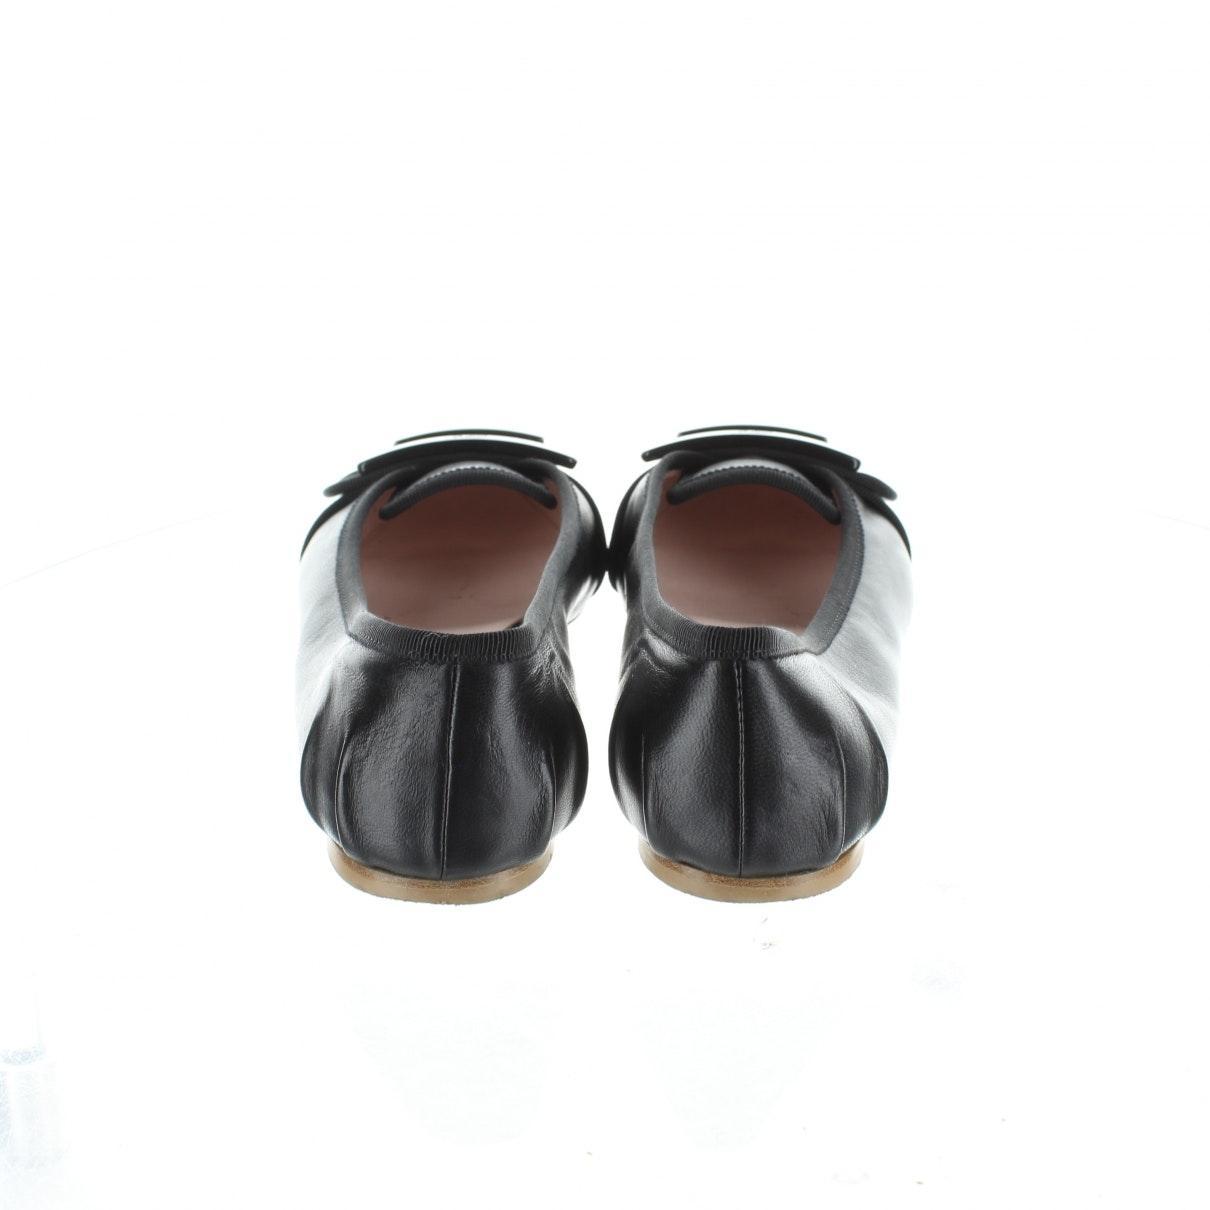 Bailarinas en charol negro N Roger Vivier de Cuero de color Negro